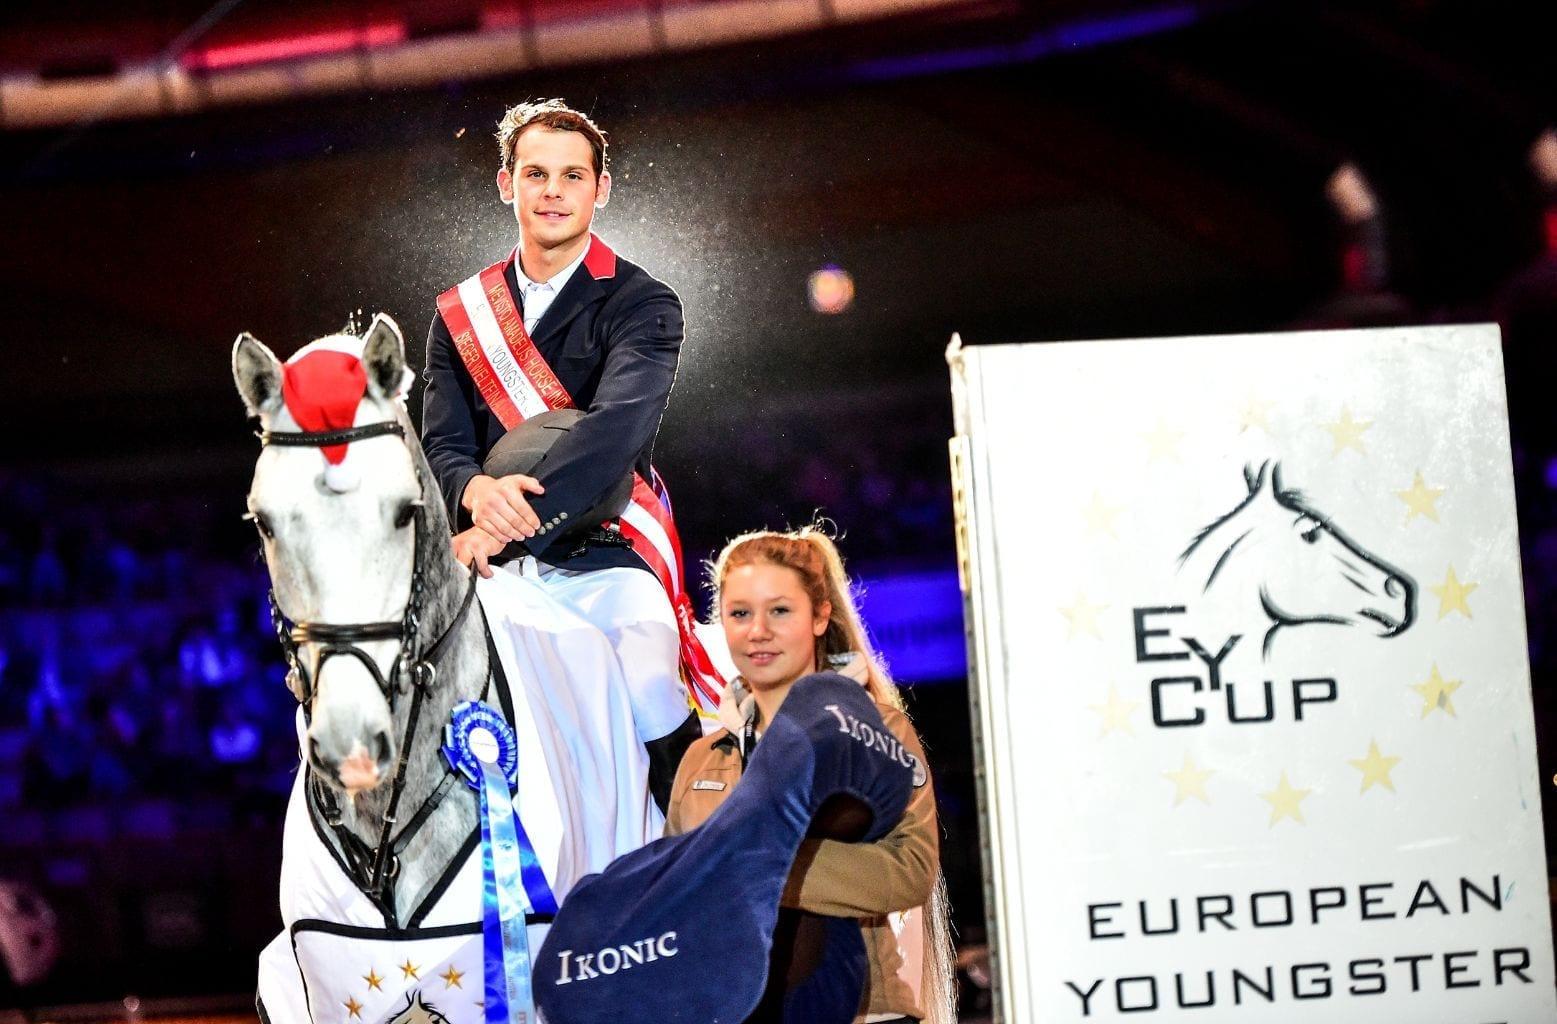 Sascha Braun durfte sich 2015 über den EY Cup Gesamtsieg freuen. © im|press|ions - Daniel Kaiser